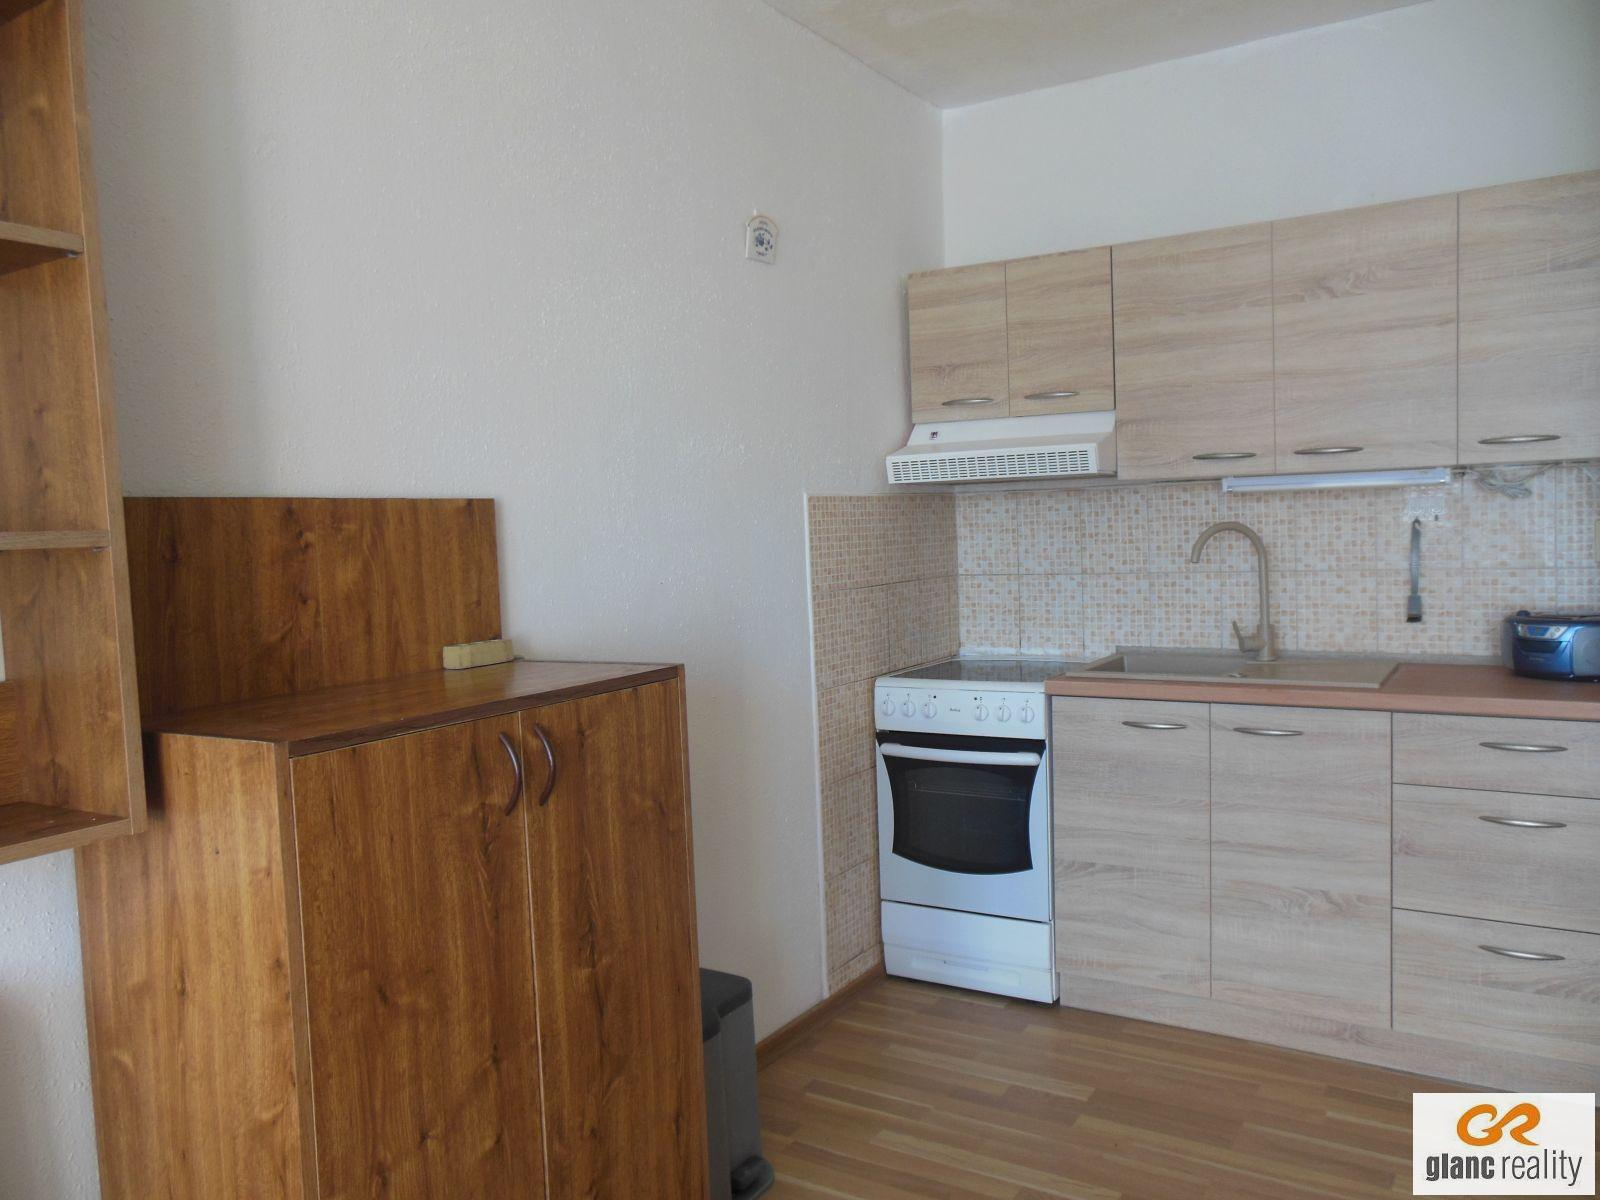 Prodej bytu 1+kk+lodžie, po rekonstr., kompl. zařízený, ul. Lumírova, Ostrava-Výškovice